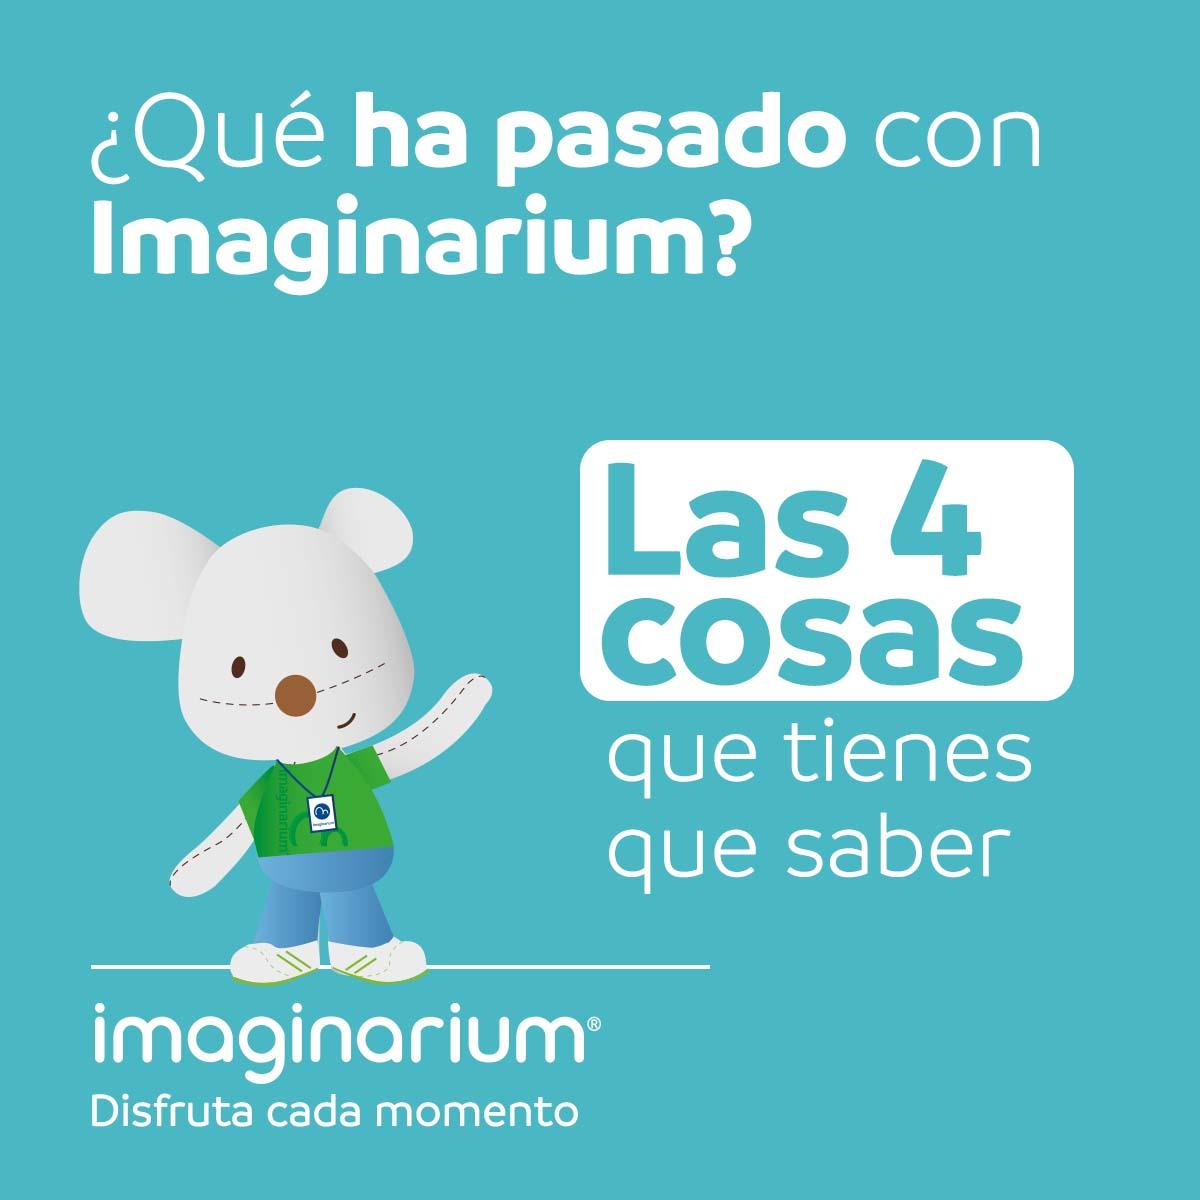 Qué pasó con imaginarium las 4 cosas que tienes que sabes